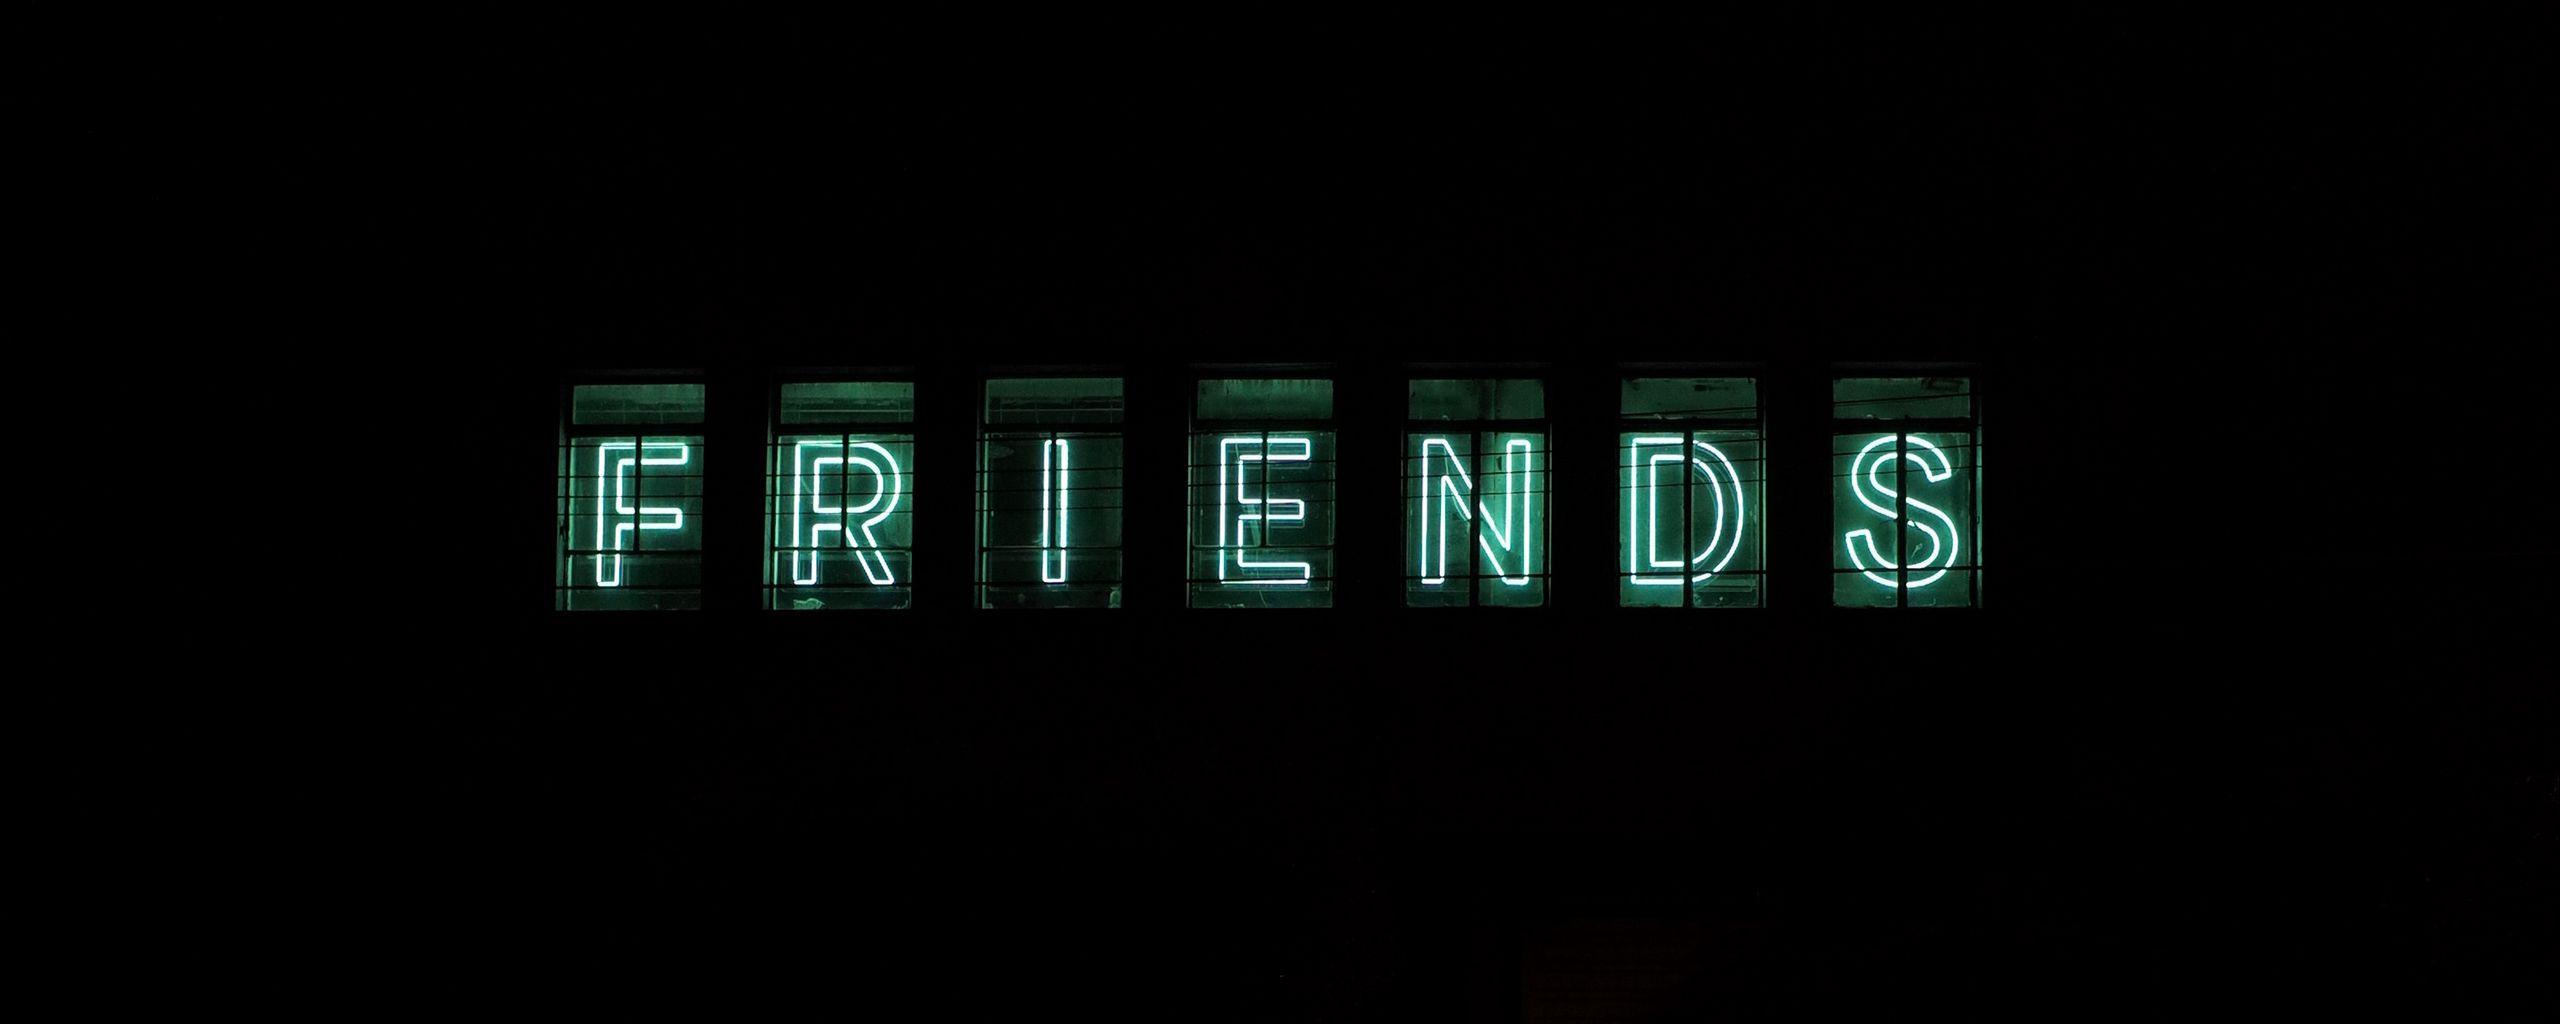 2560x1024 Wallpaper friends, inscription, neon, backlight, dark, letters